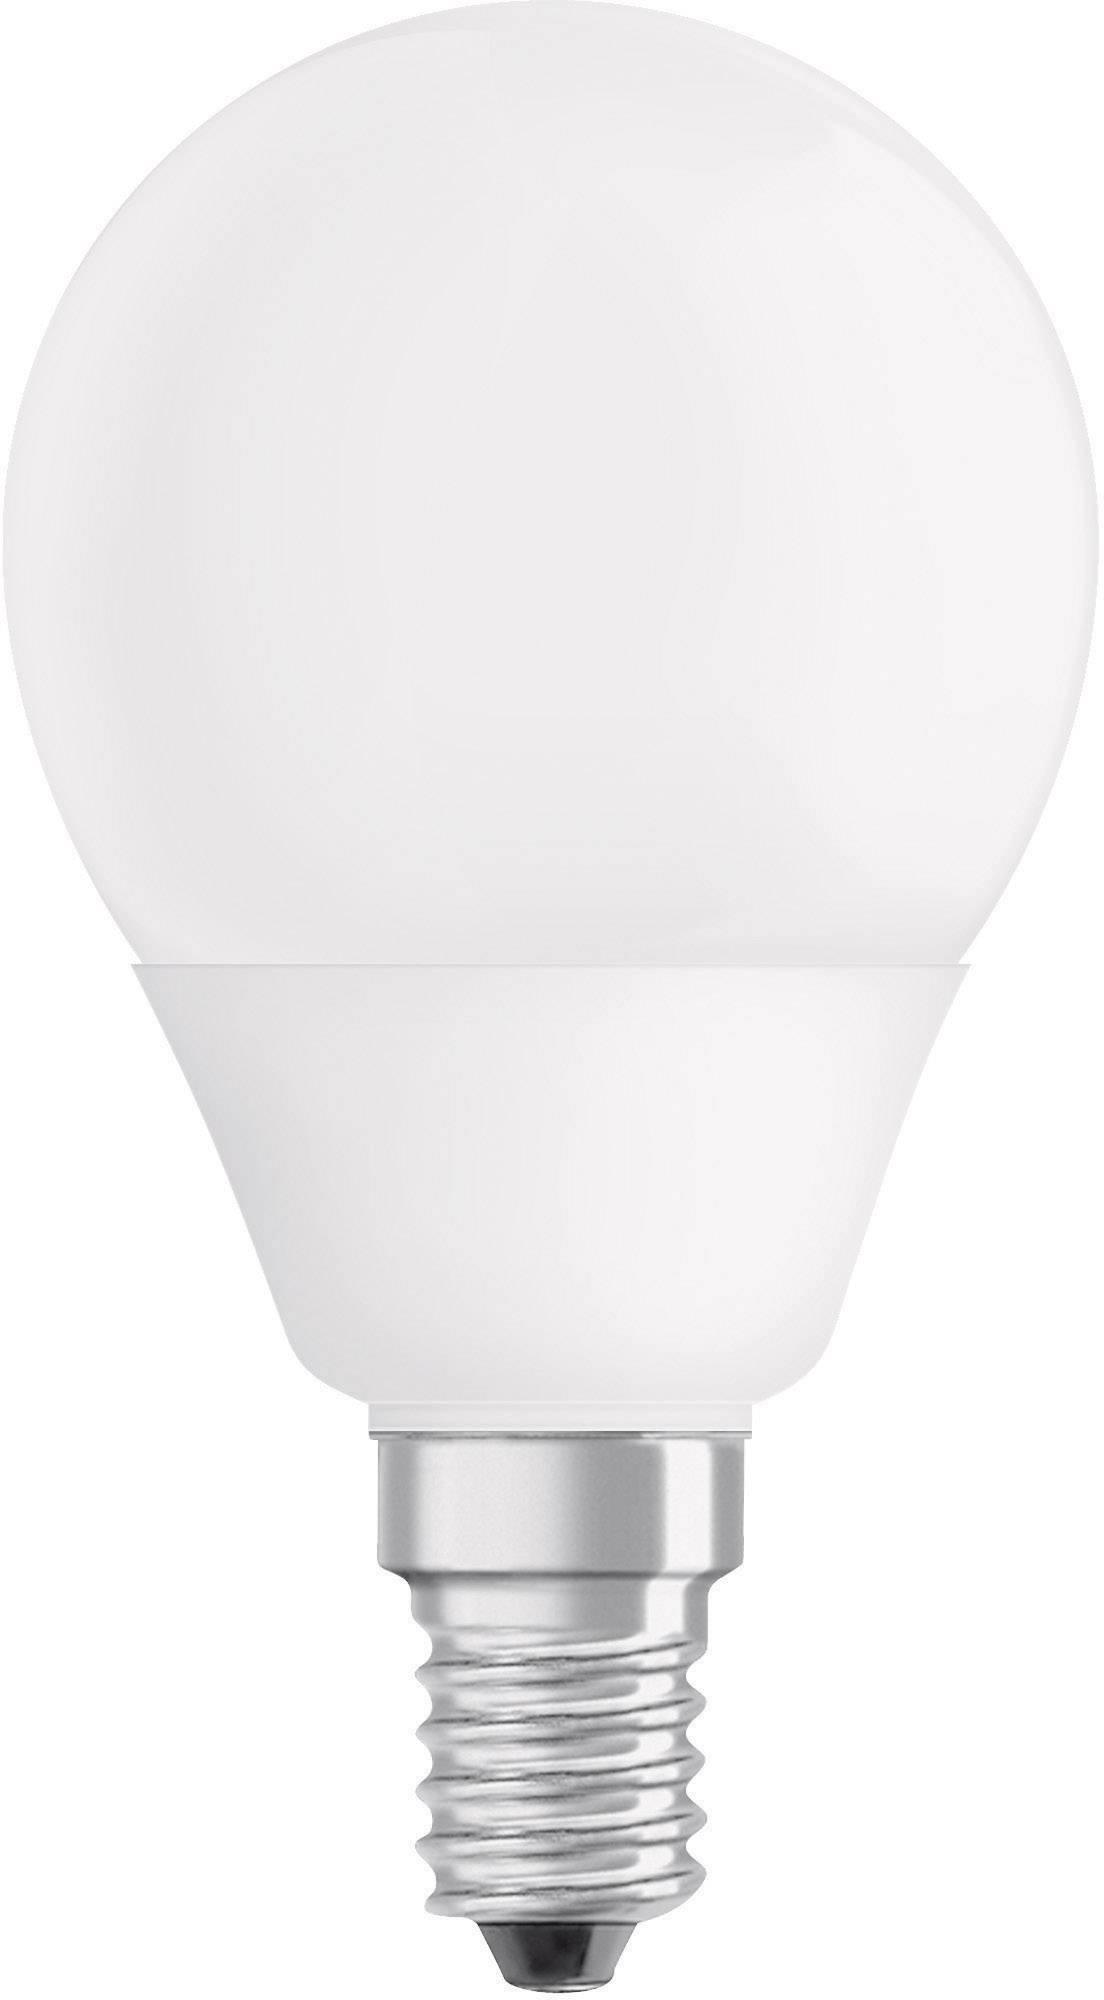 Úsporná žiarovka kvapková Osram Superstar E14, 9 W, teplá biela